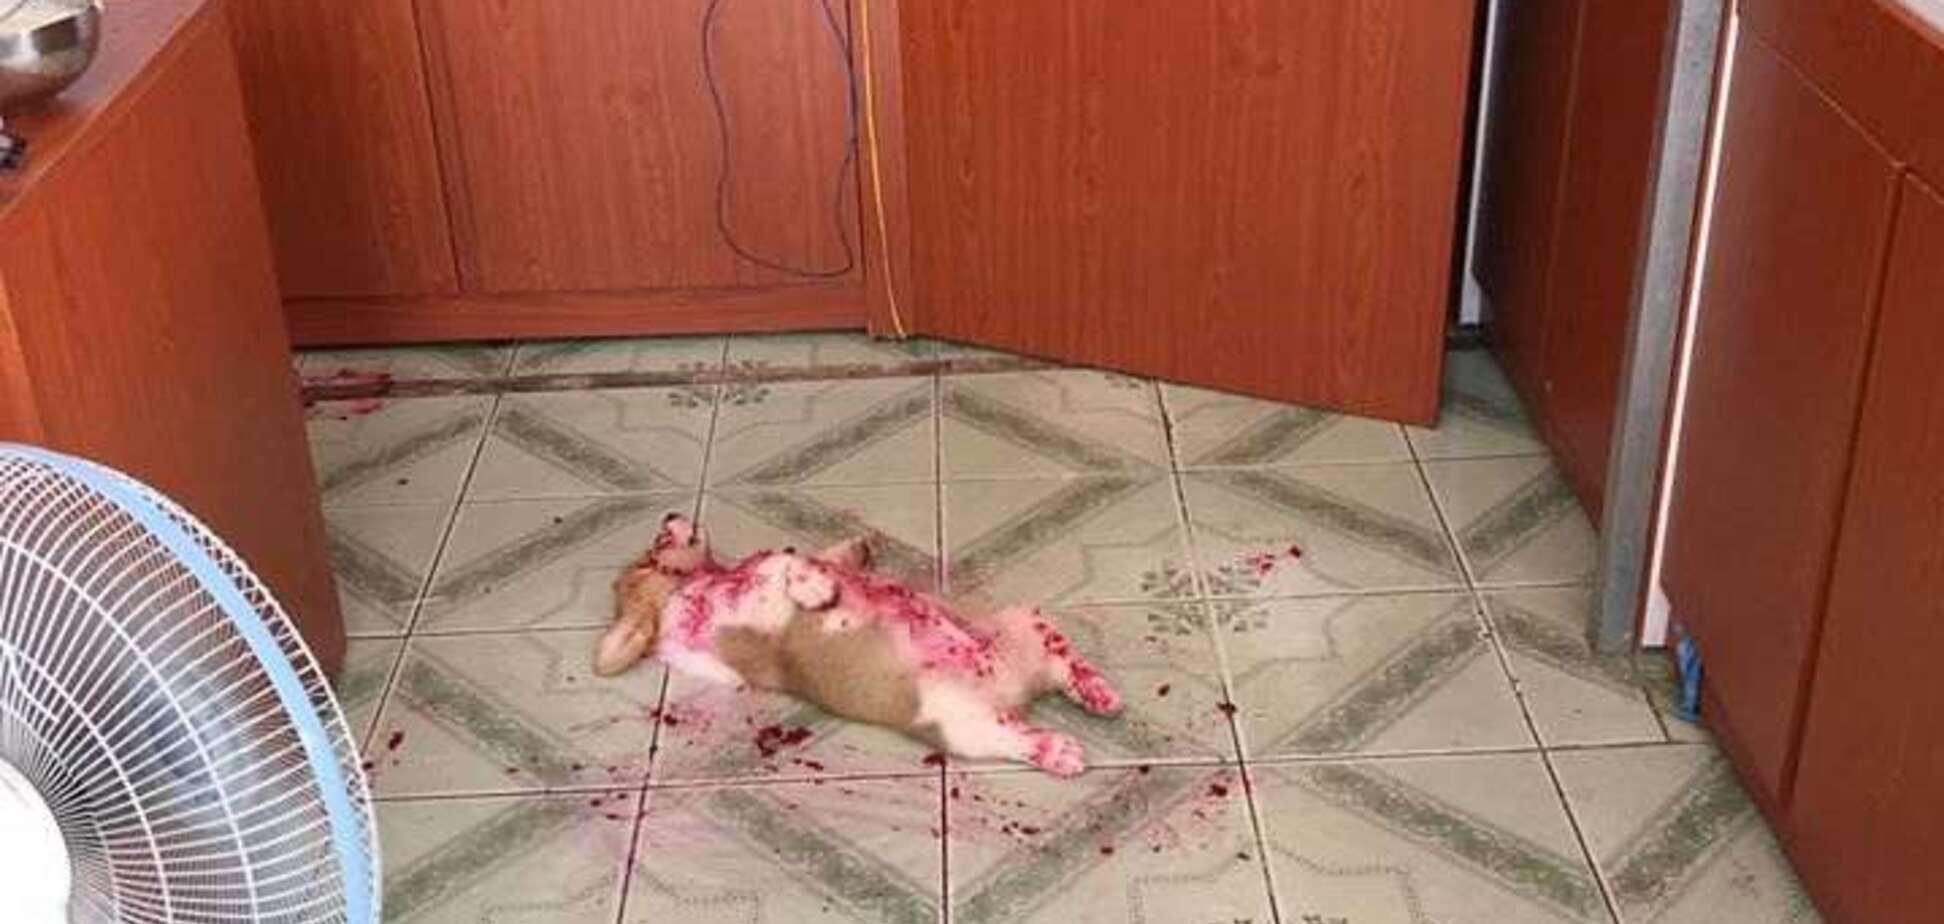 Щенок-звезда Instagram в луже крови напугал сеть: развязка оказалась неожиданной. Фото